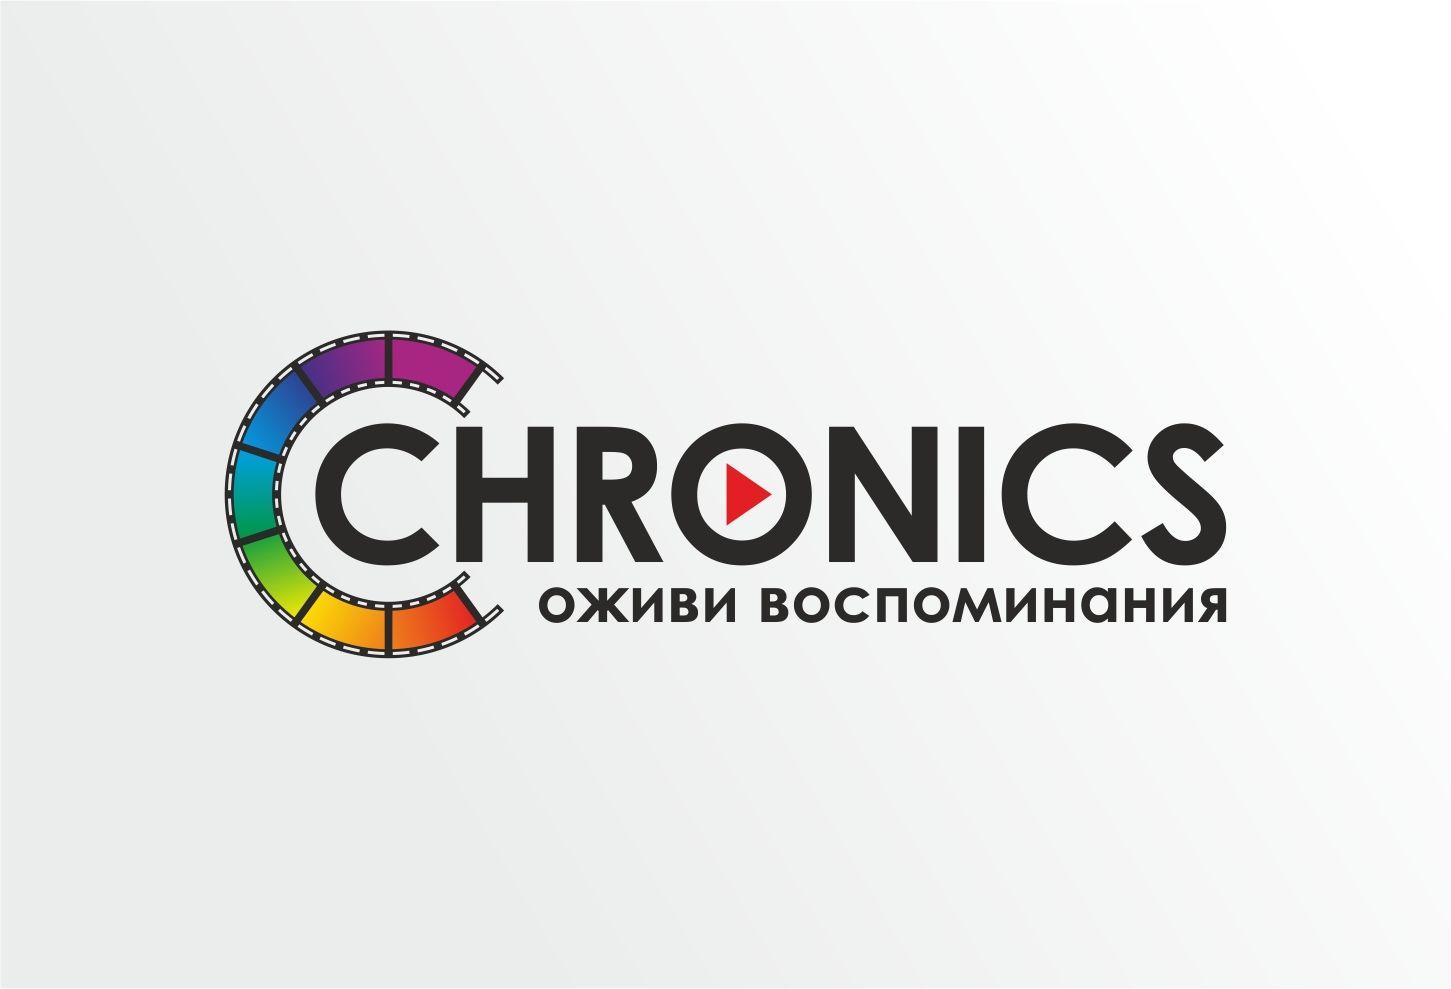 Логотип сервиса Chronics - дизайнер graphin4ik